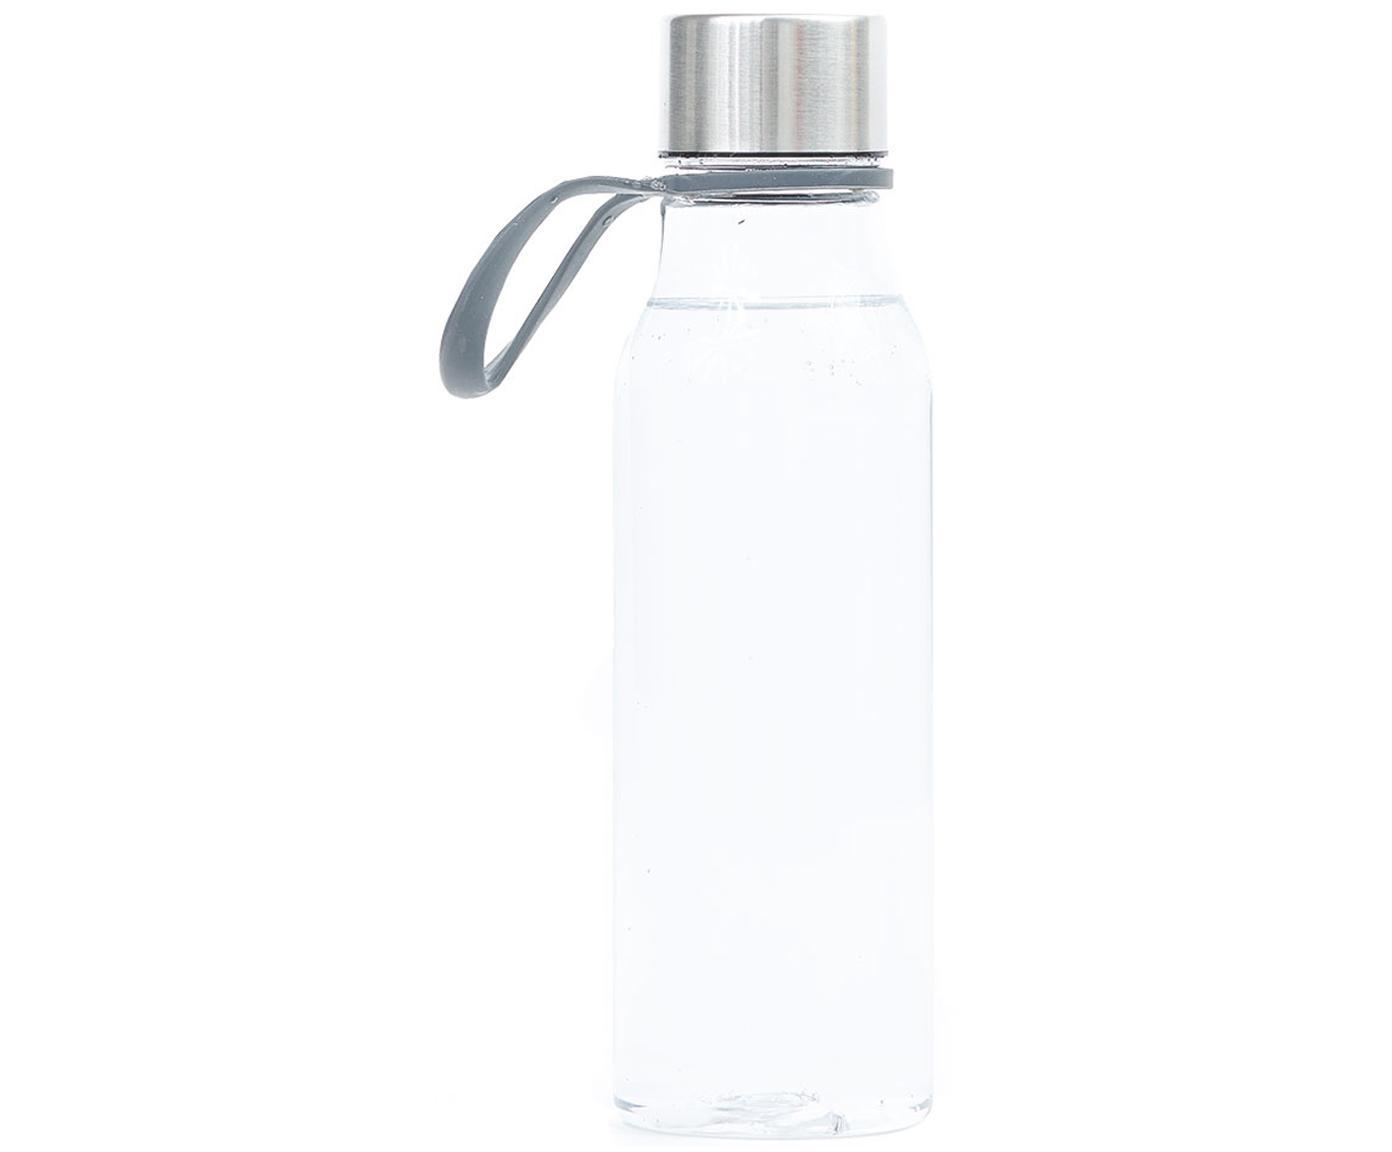 Kleine to go drinkfles Lean, Fles: Tritan (kunststof), BPA-v, Transparant, staalkleurig, 570 ml